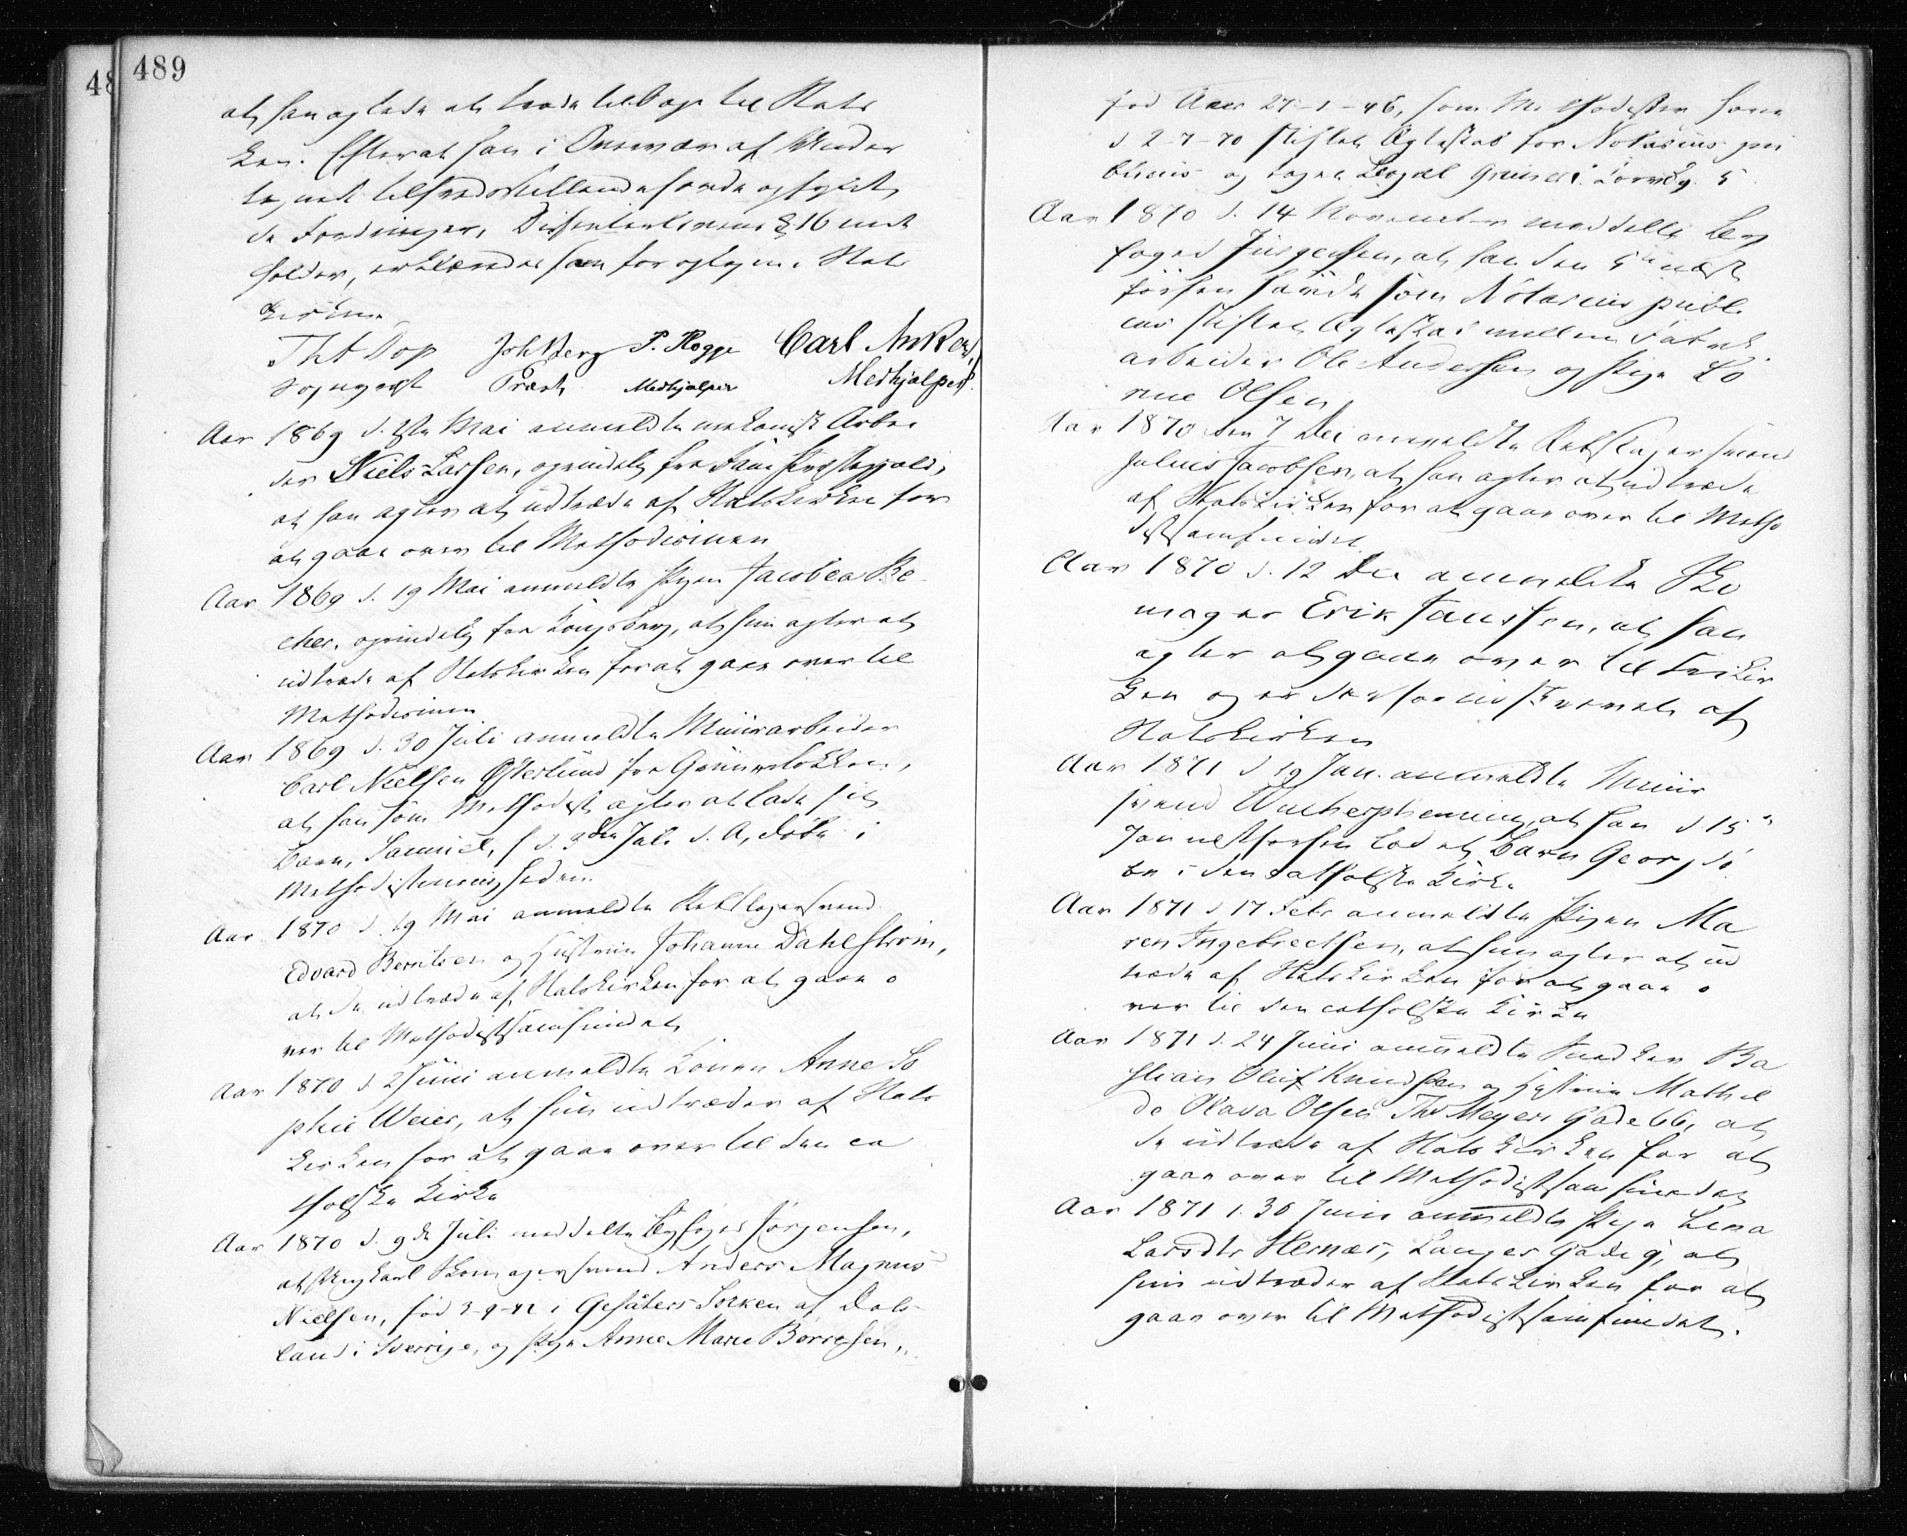 SAO, Gamle Aker prestekontor Kirkebøker, F/L0003: Ministerialbok nr. 3, 1865-1873, s. 489